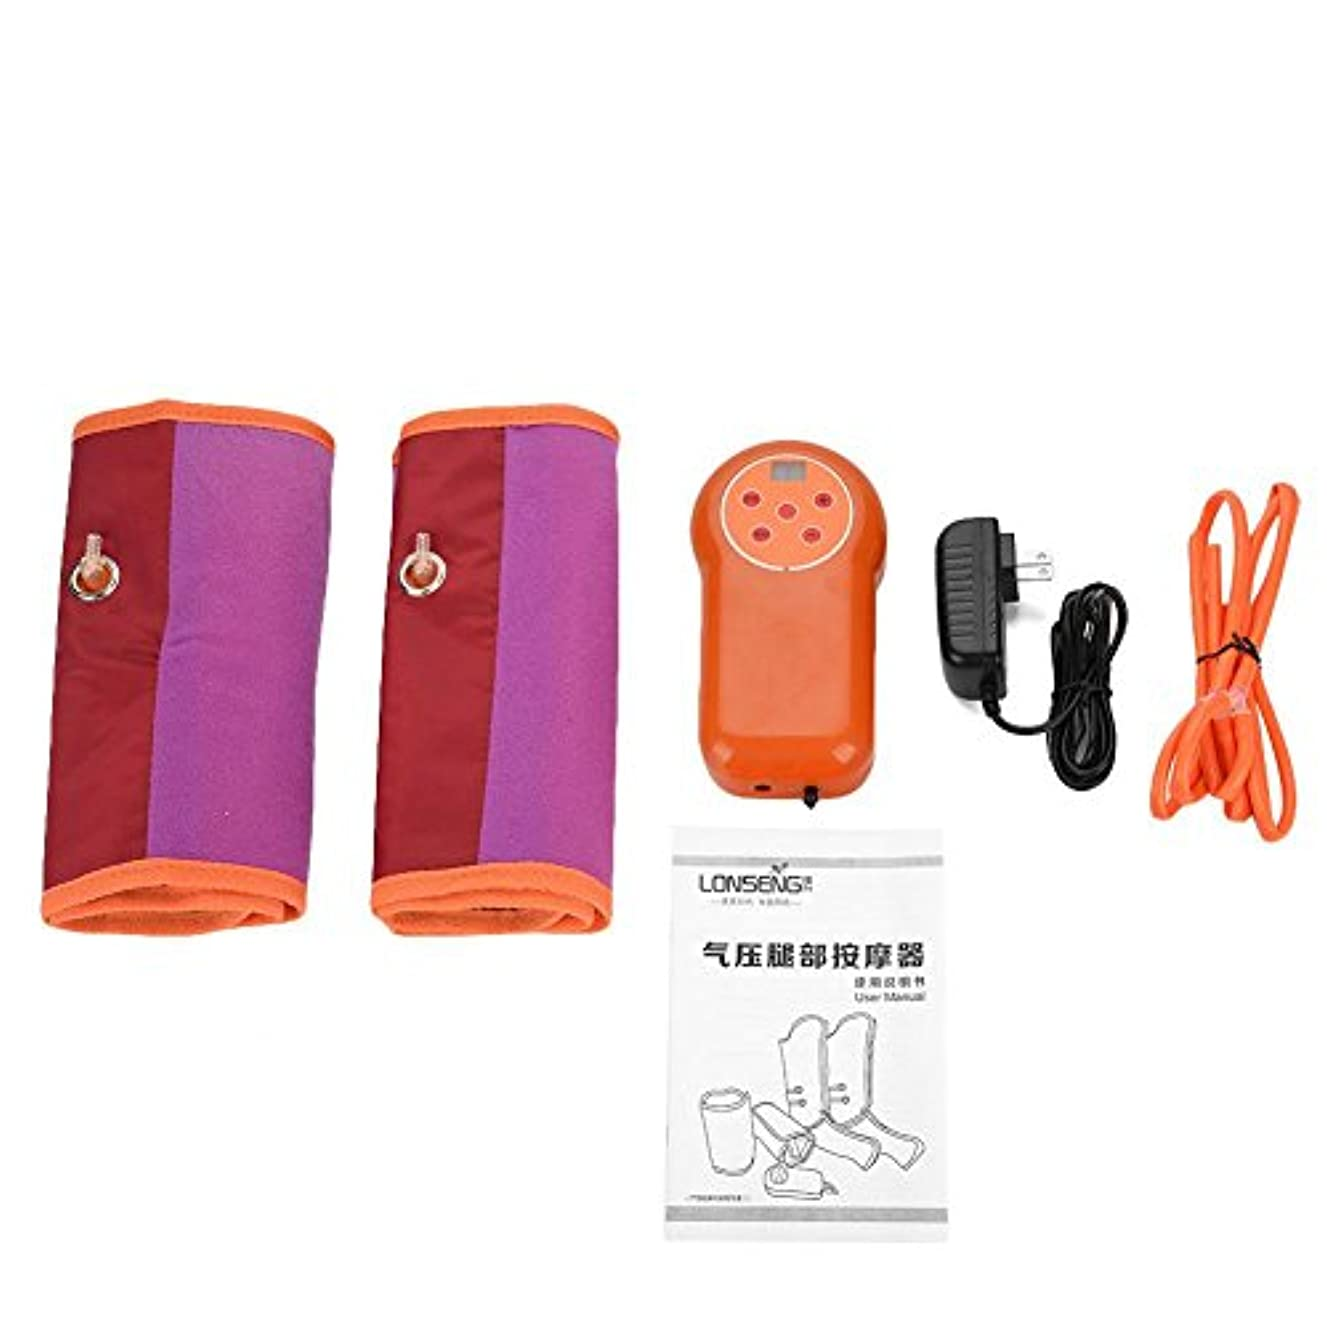 バーシンク包帯空気圧縮マッサージ、タイミング設定 9レベルモード 調節可能な腕マッサージャー 電気サイクル(1)